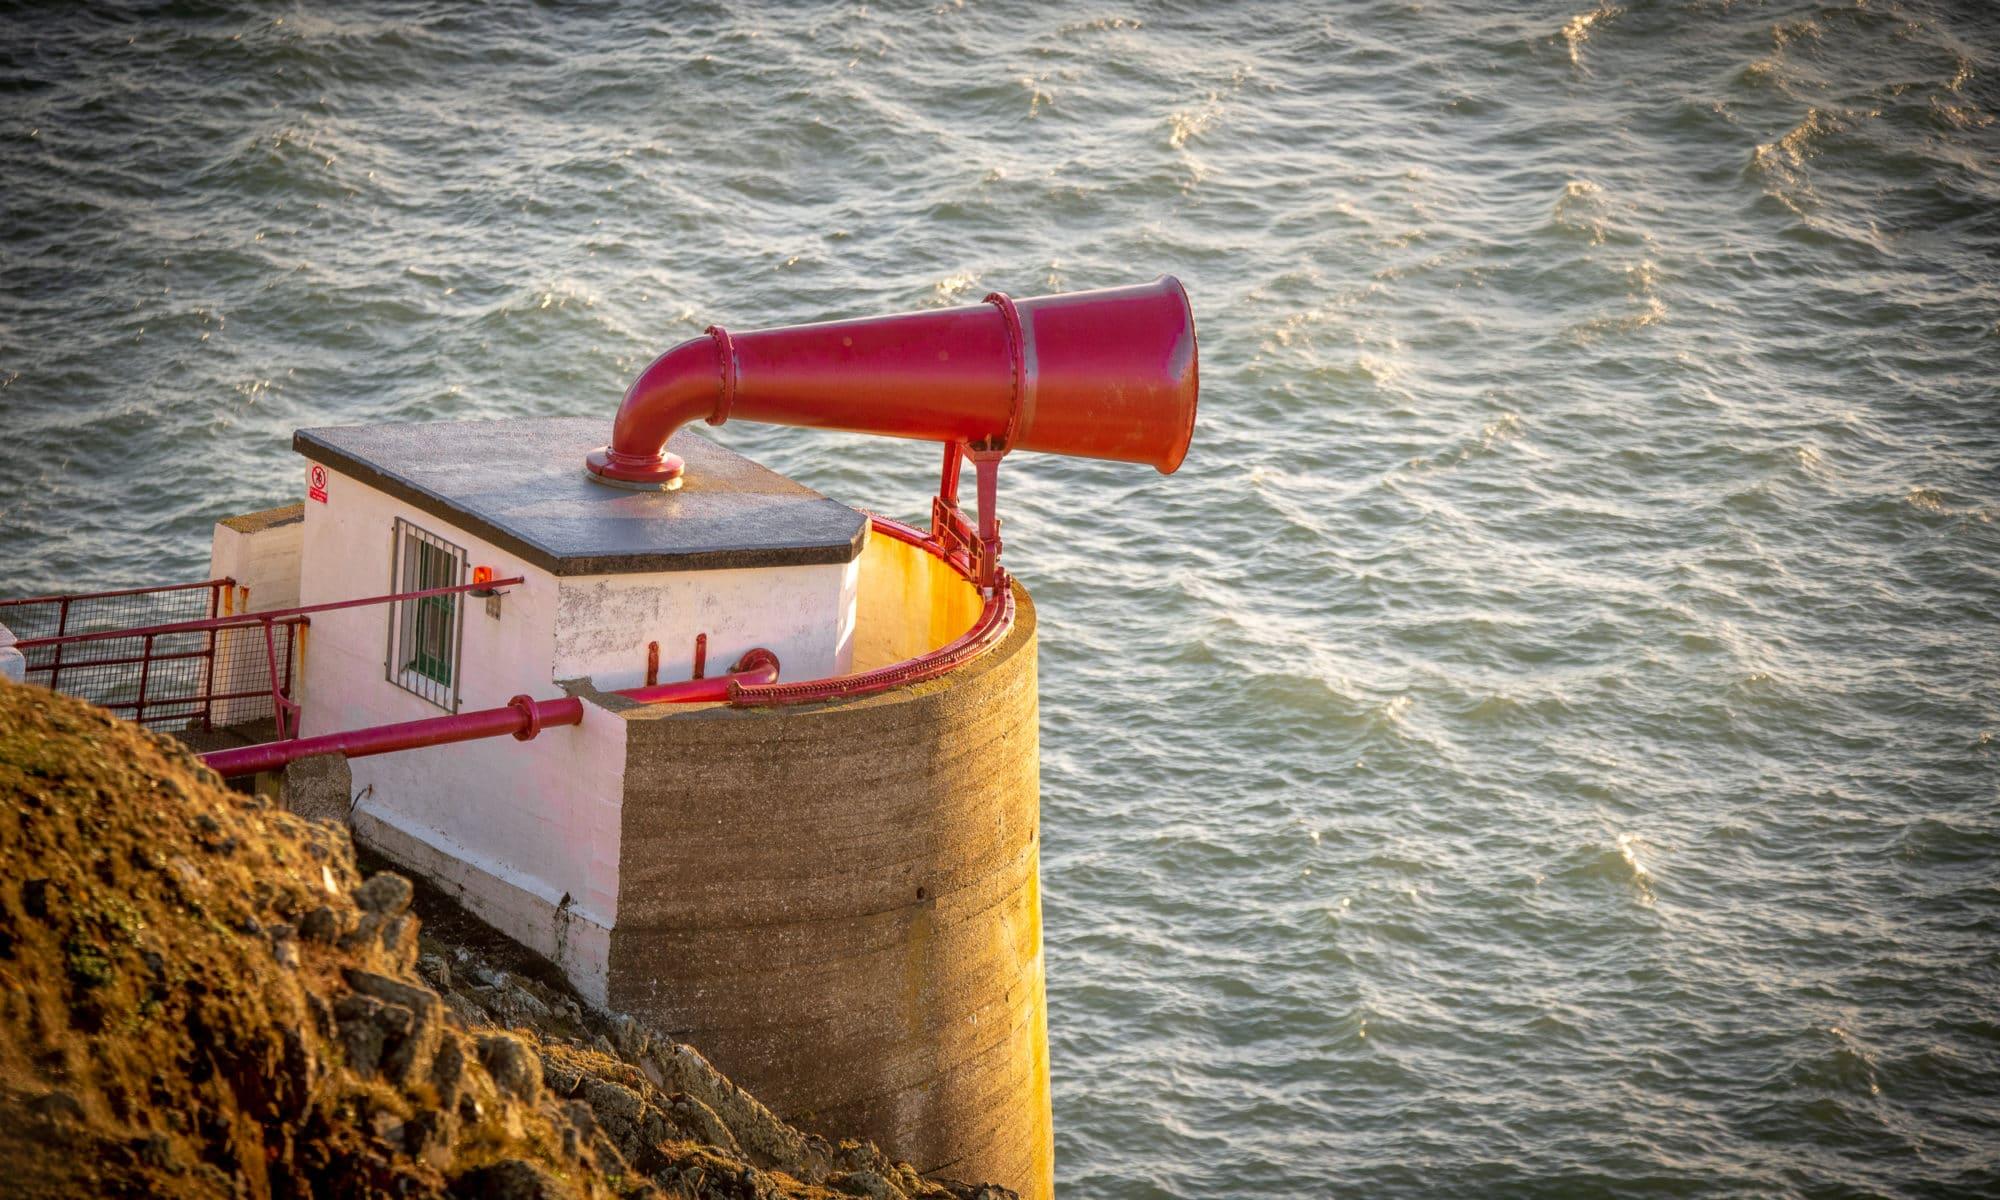 Le seul phare équipé d'une corne de brume en état de marche en Écosse